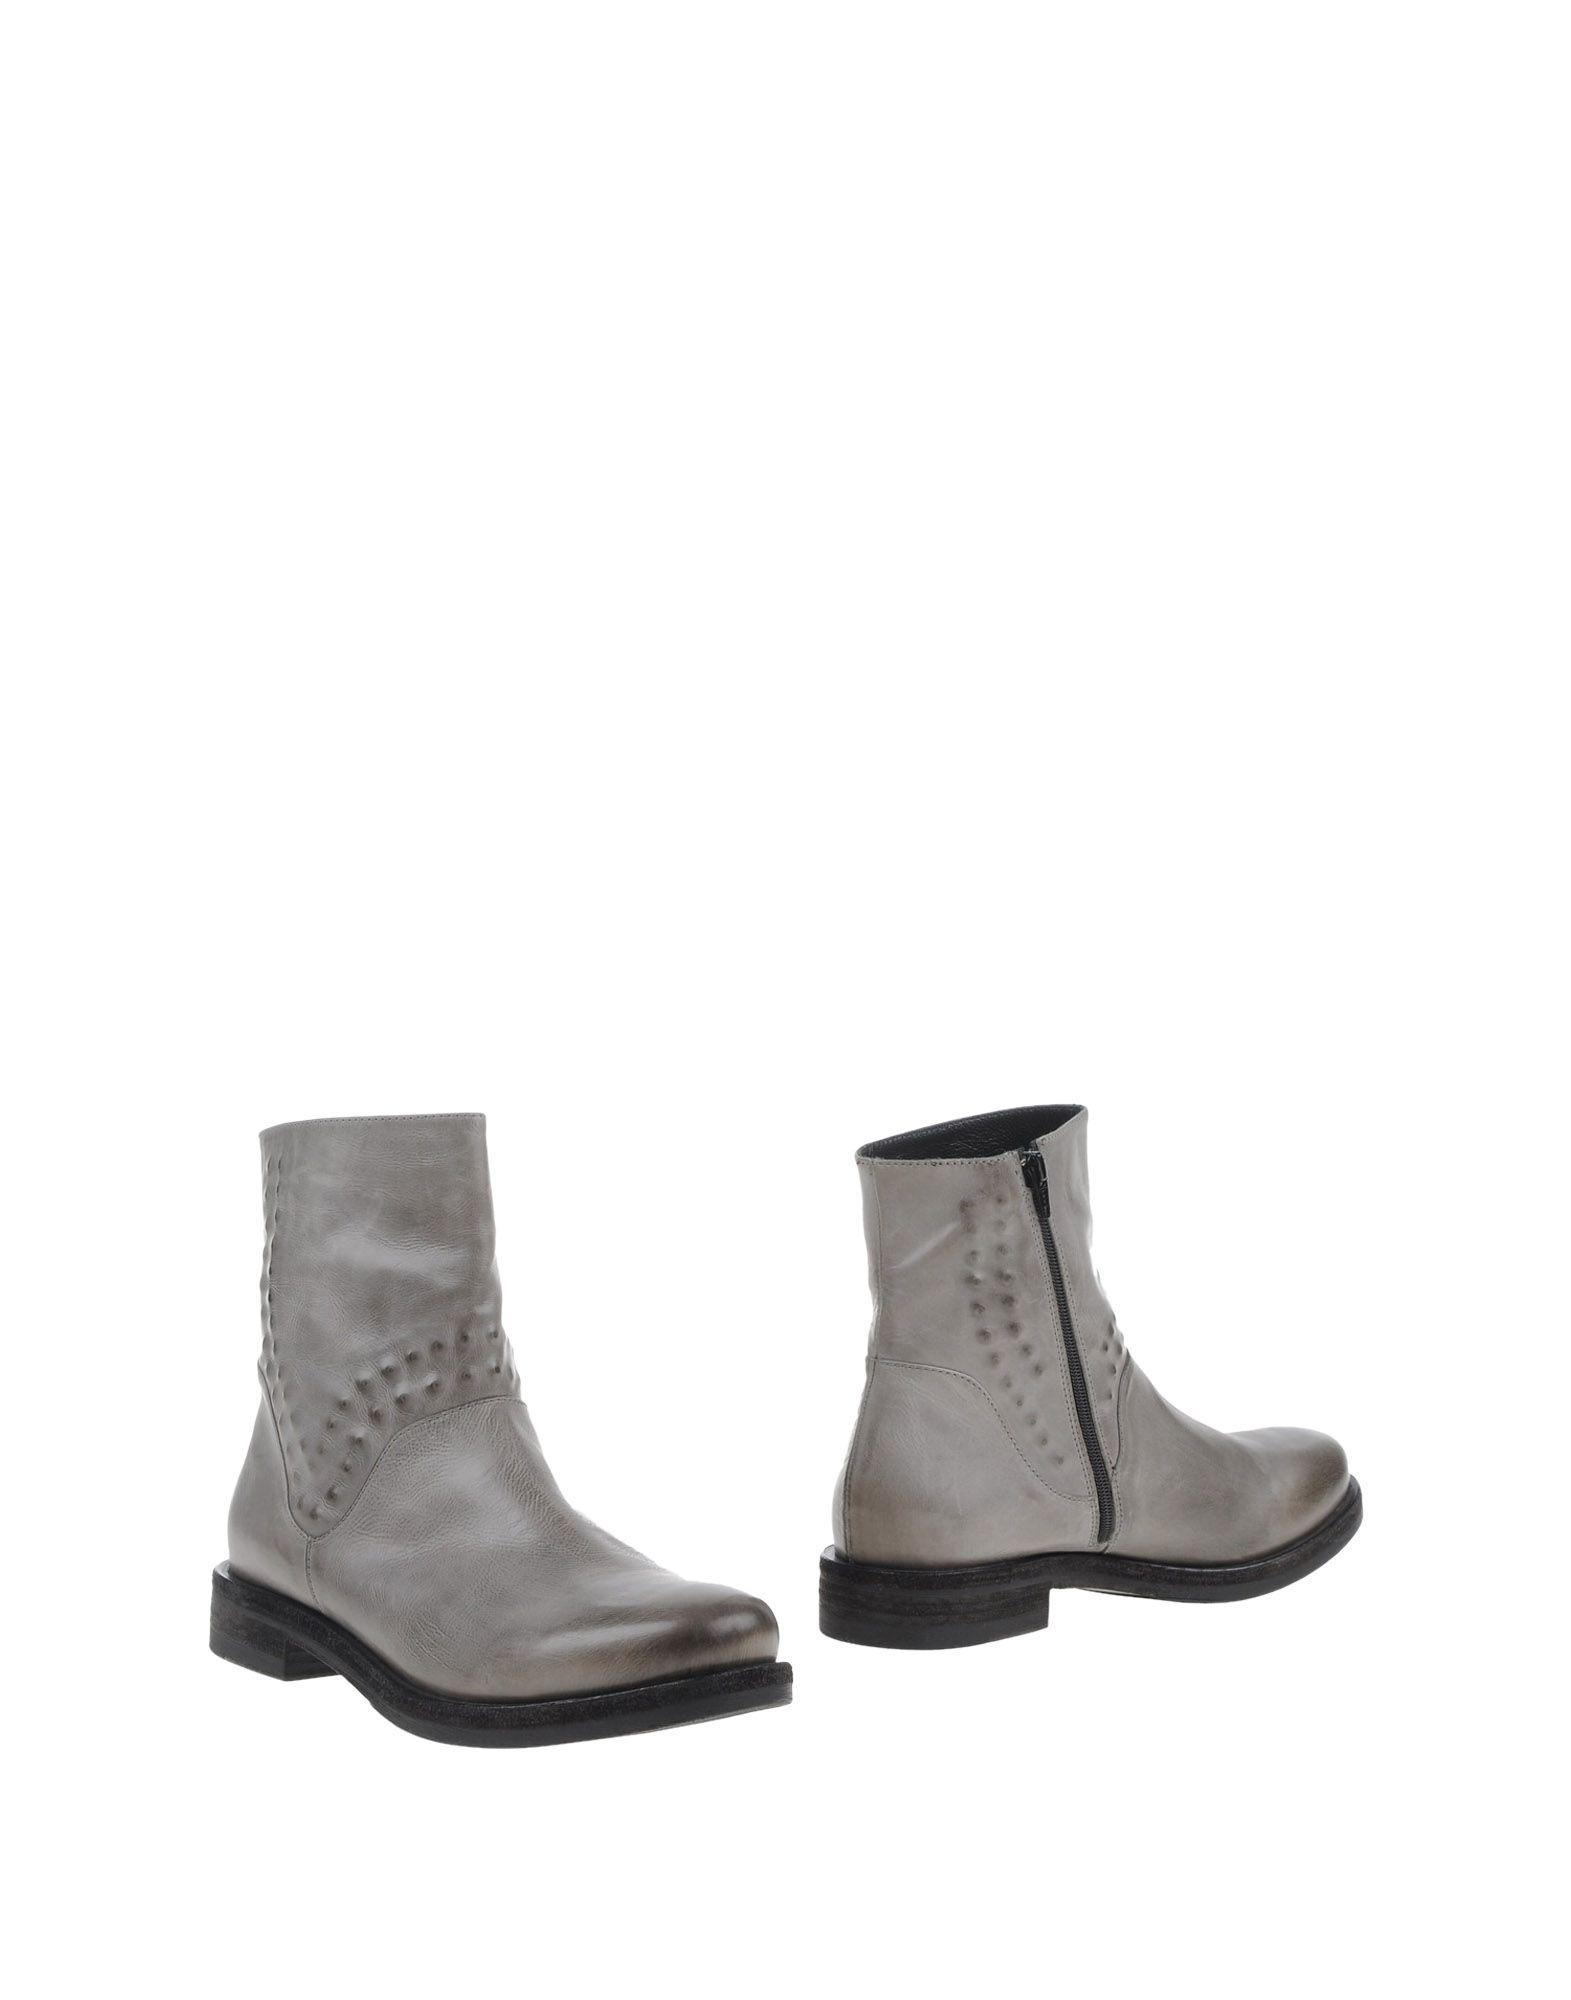 Haltbare Mode billige Schuhe Vic Stiefelette Damen  11045625BK Heiße Schuhe